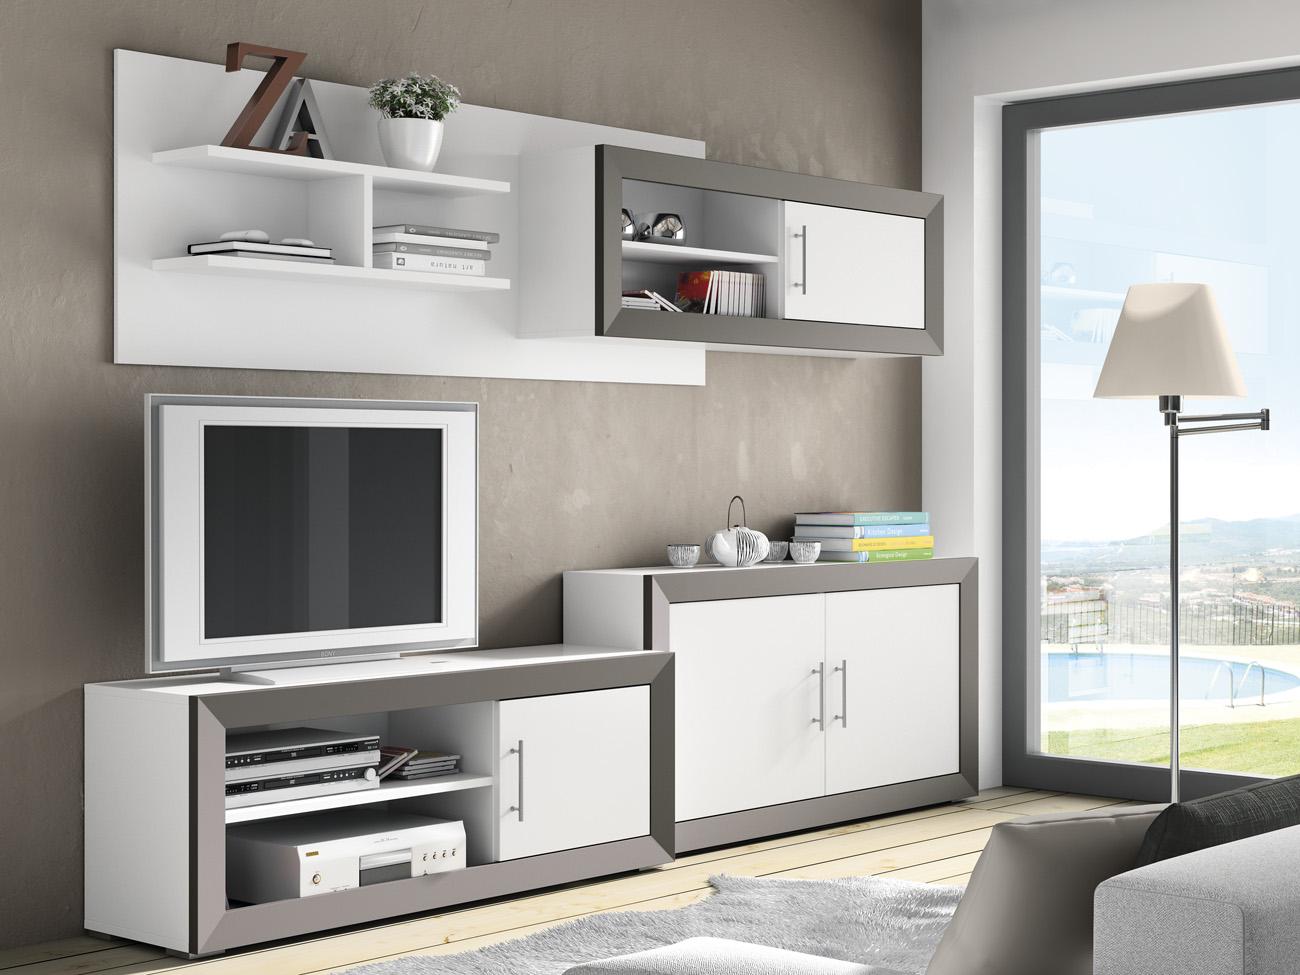 Comedores modernos y baratos muebles dominguez - Muebles de comedor modernos ...